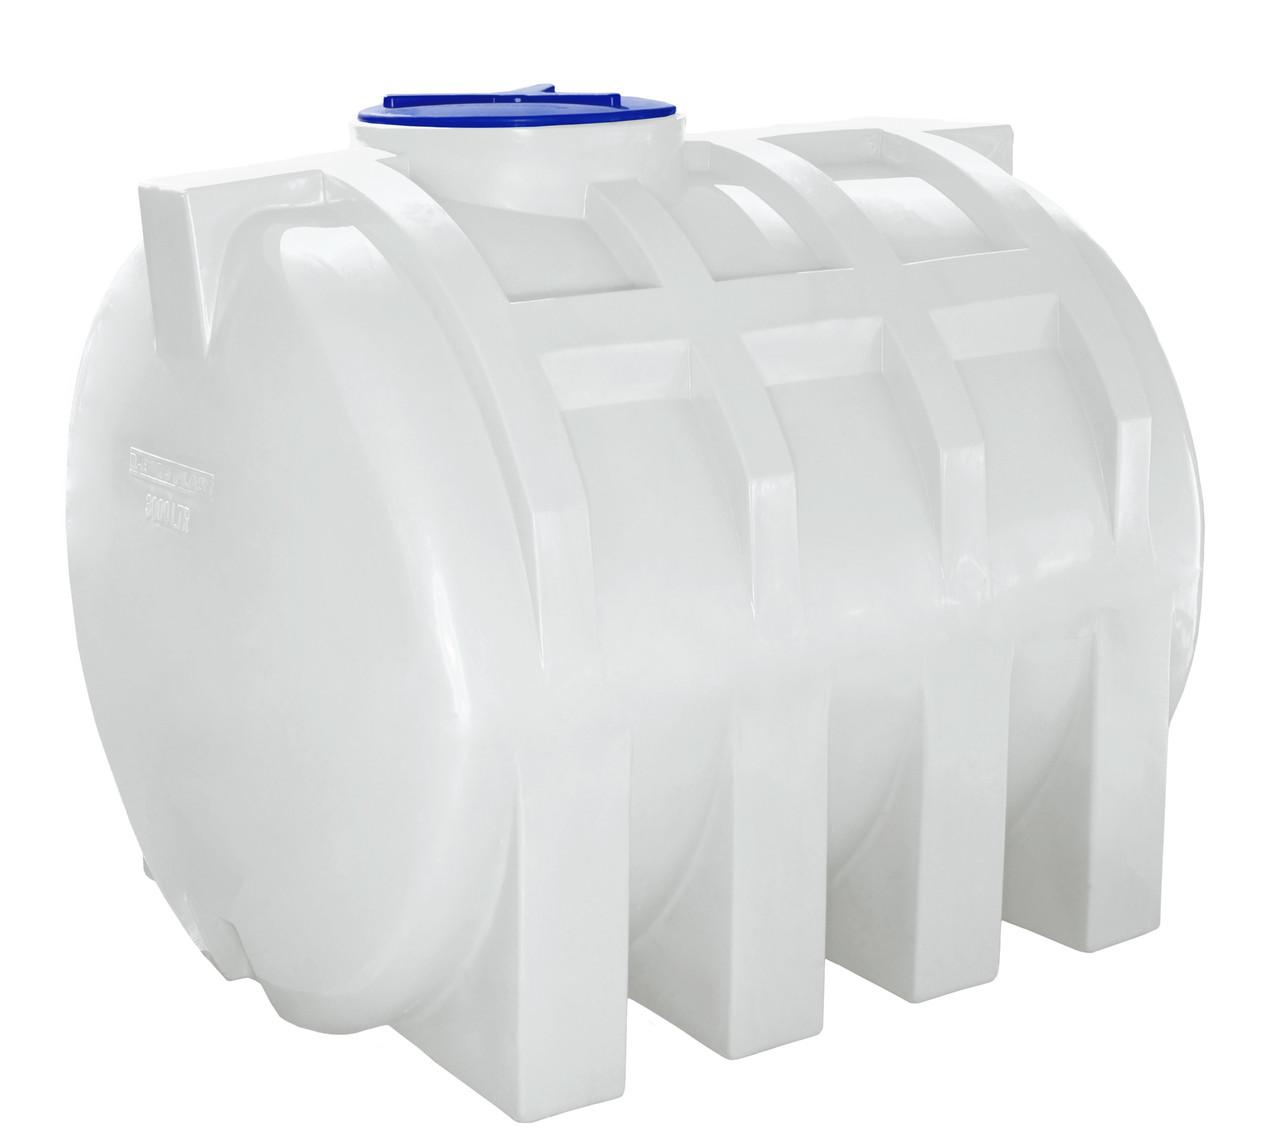 Емкость ГО 1500 литров ПБ